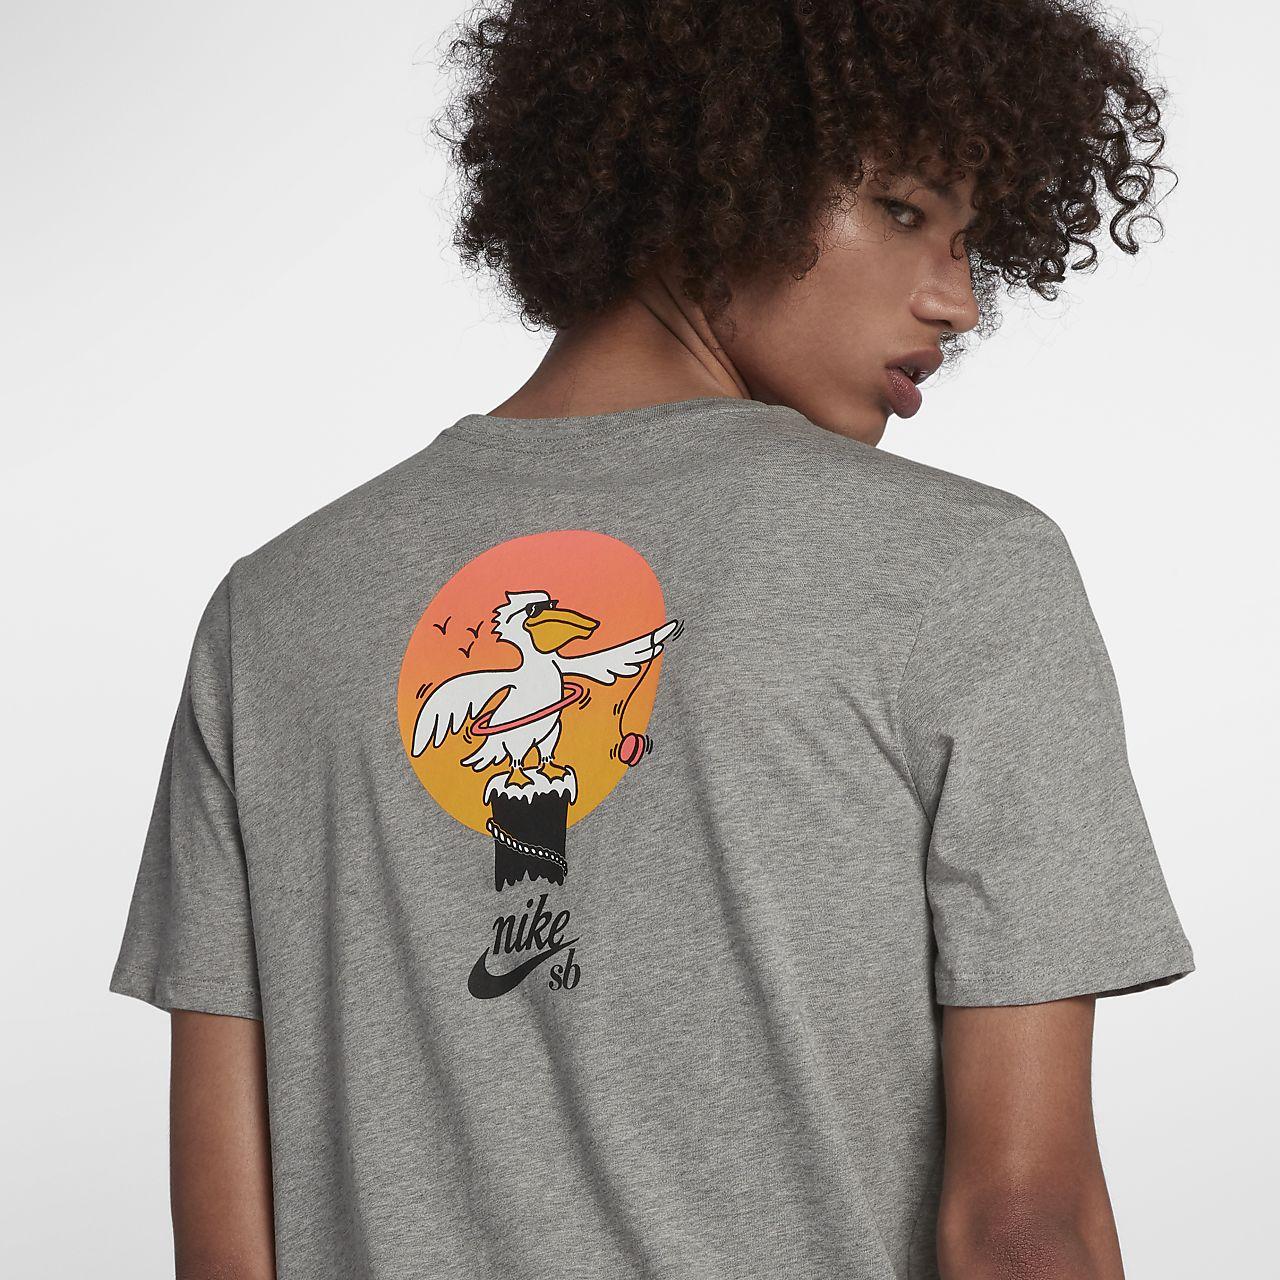 ... Nike SB Men's T-Shirt